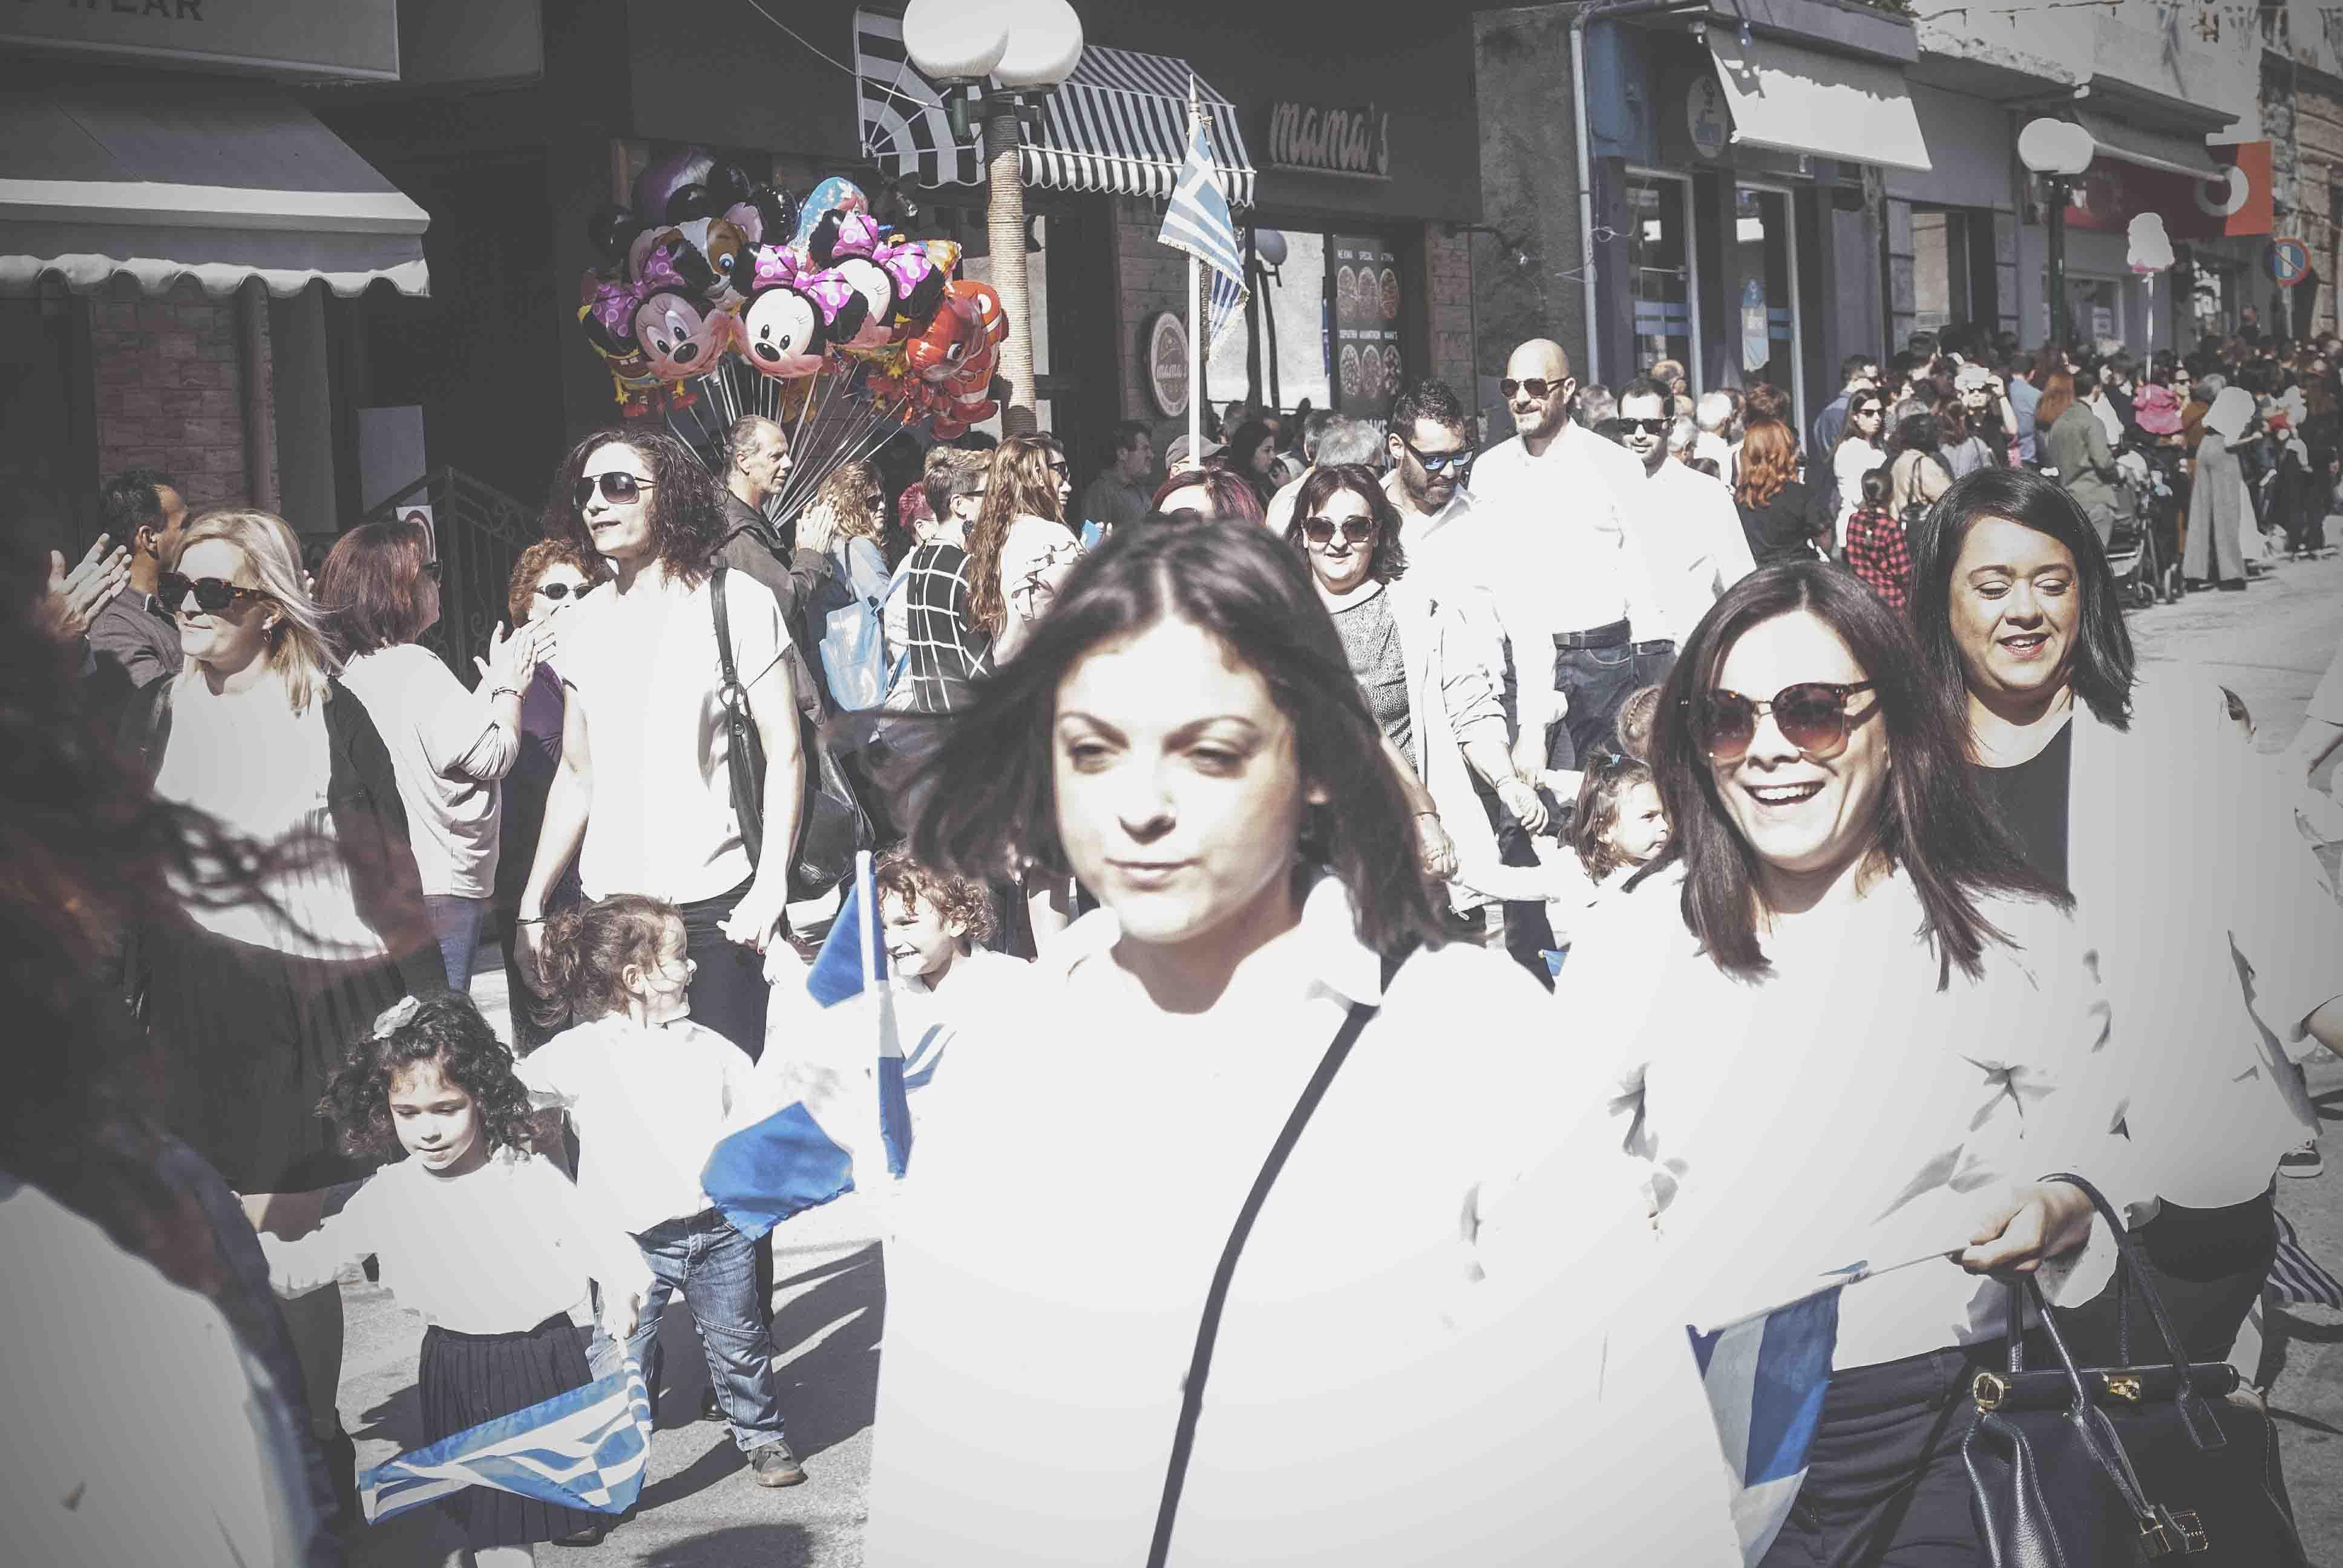 Φωτογραφικό υλικό από την παρέλαση στα Ψαχνά Φωτογραφικό υλικό από την παρέλαση στα Ψαχνά DSC 0345